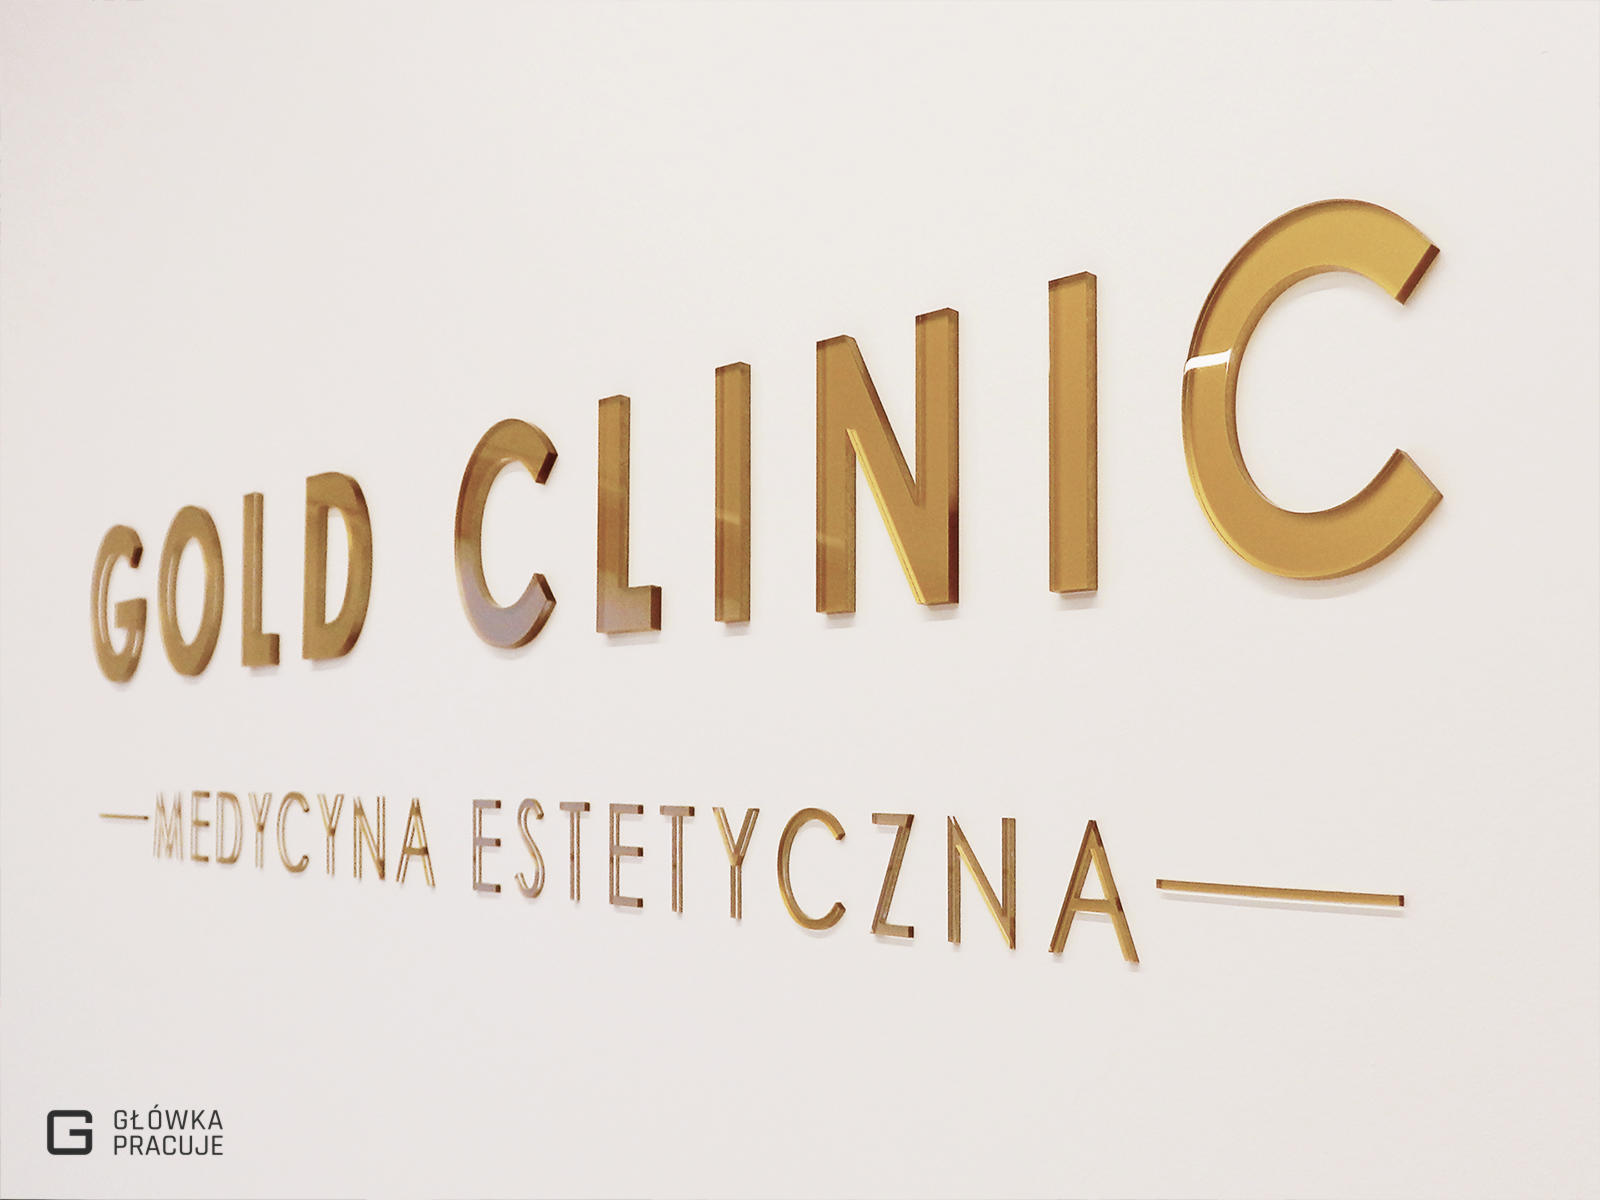 Główka pracuje pl Gold Clinic logotyp z plexi bezbarwnej podklejonej złotą folią, gabinet